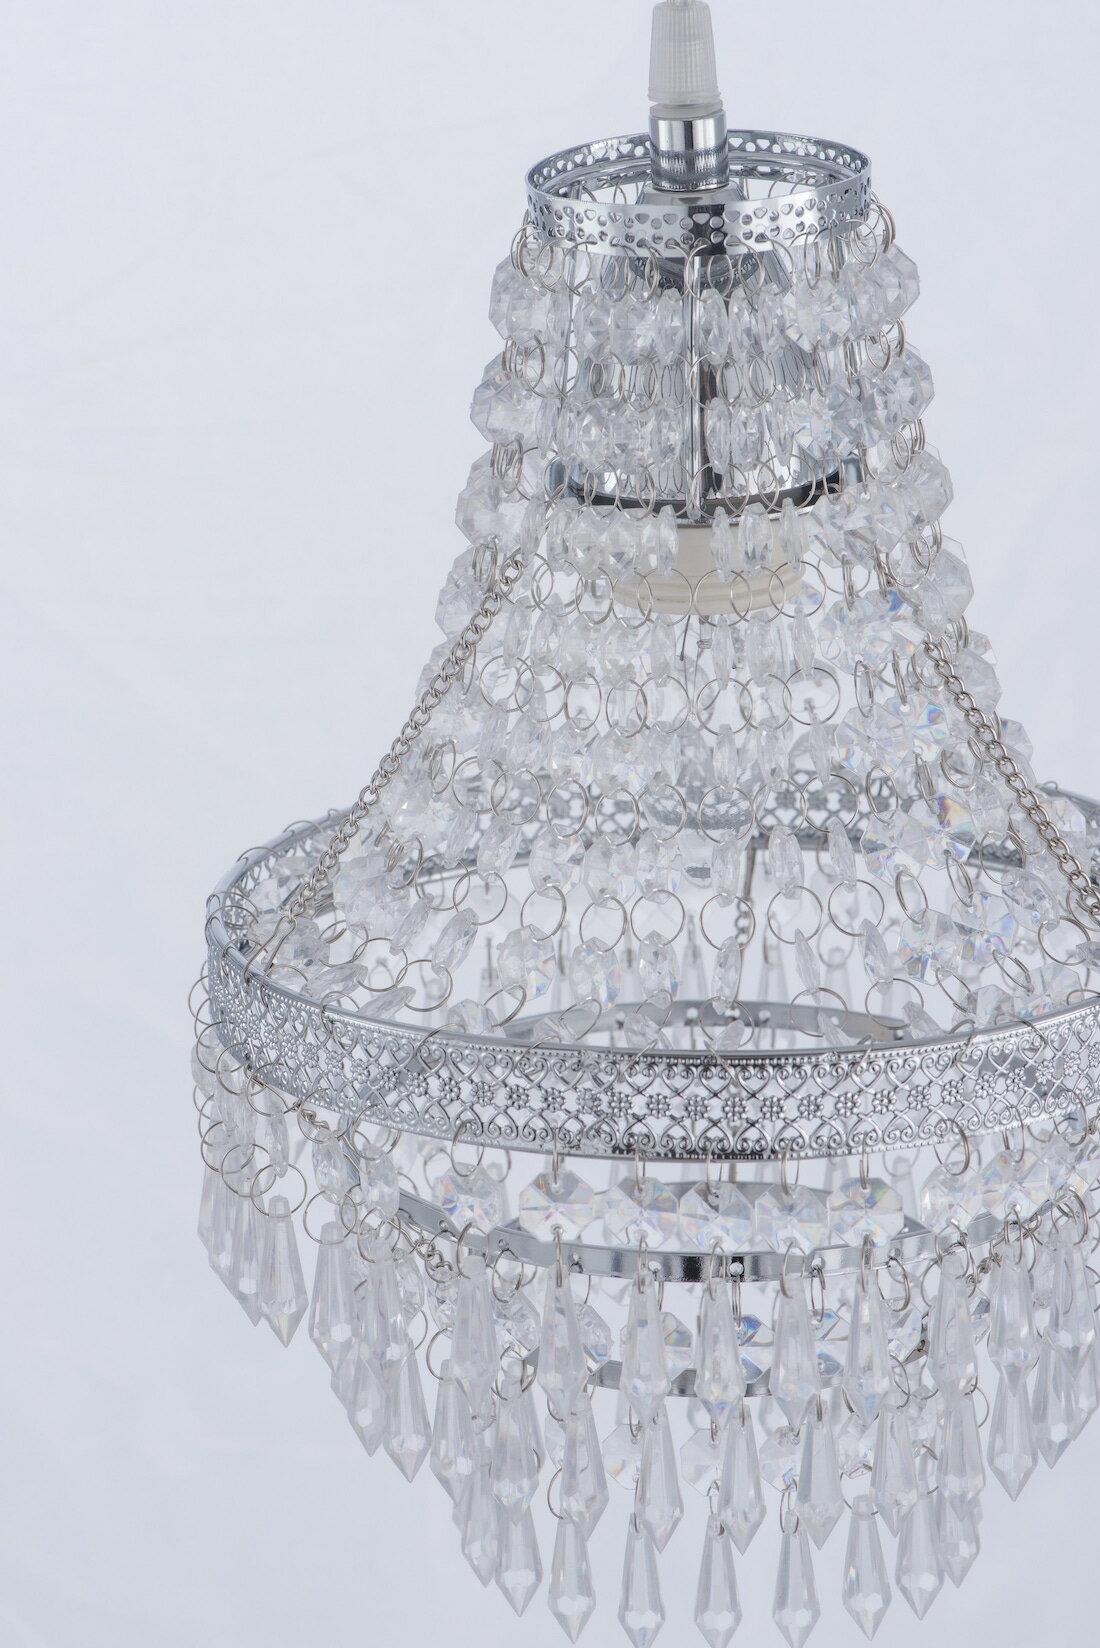 鍍鉻色華麗透明壓克力珠吊燈-BNL00022 3